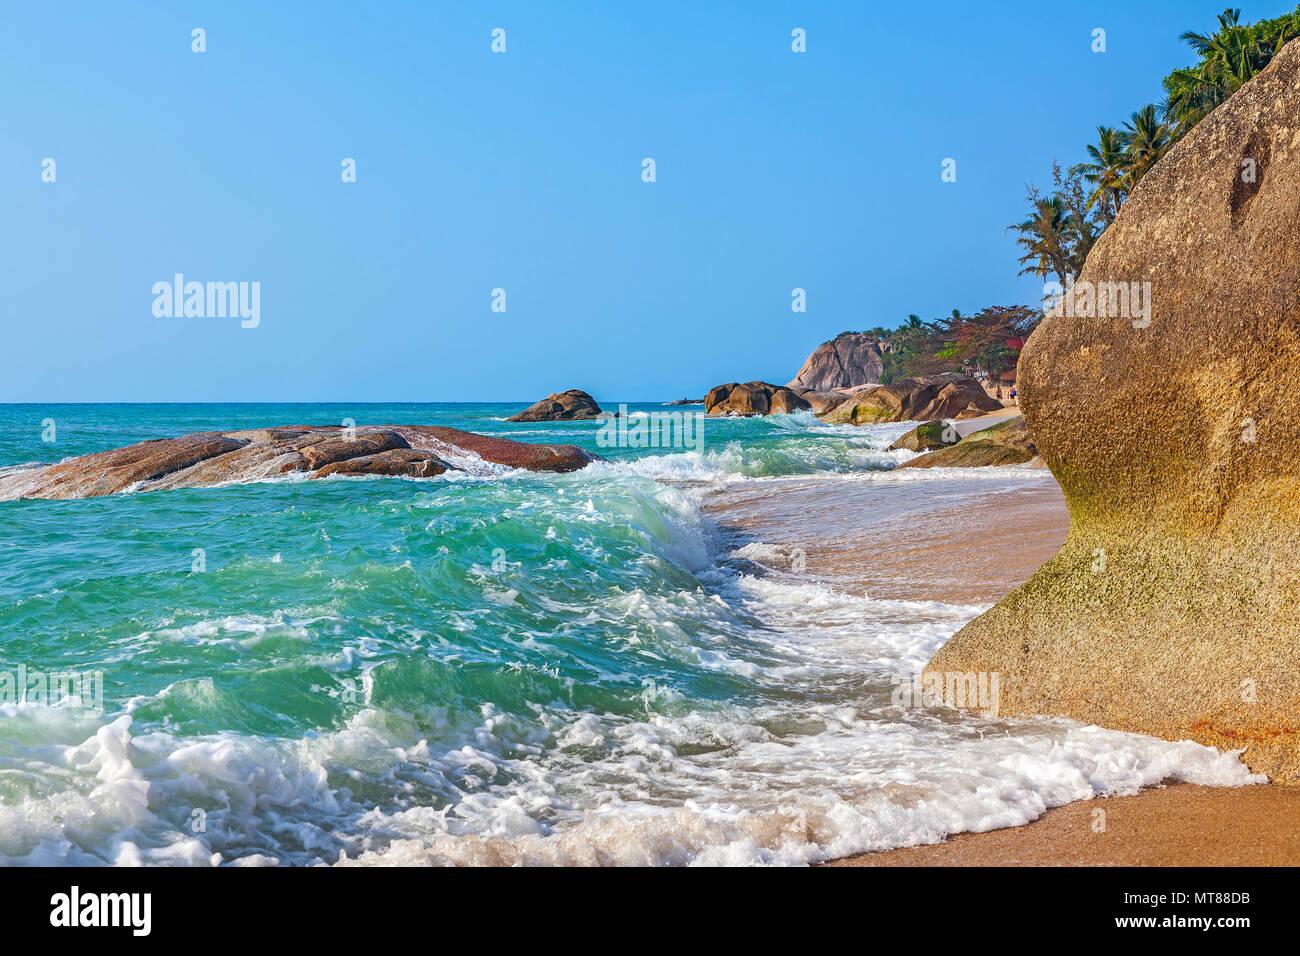 Matin ensoleillé sur la plage de Lamai. L'île de Samui. La Thaïlande. Photo Stock